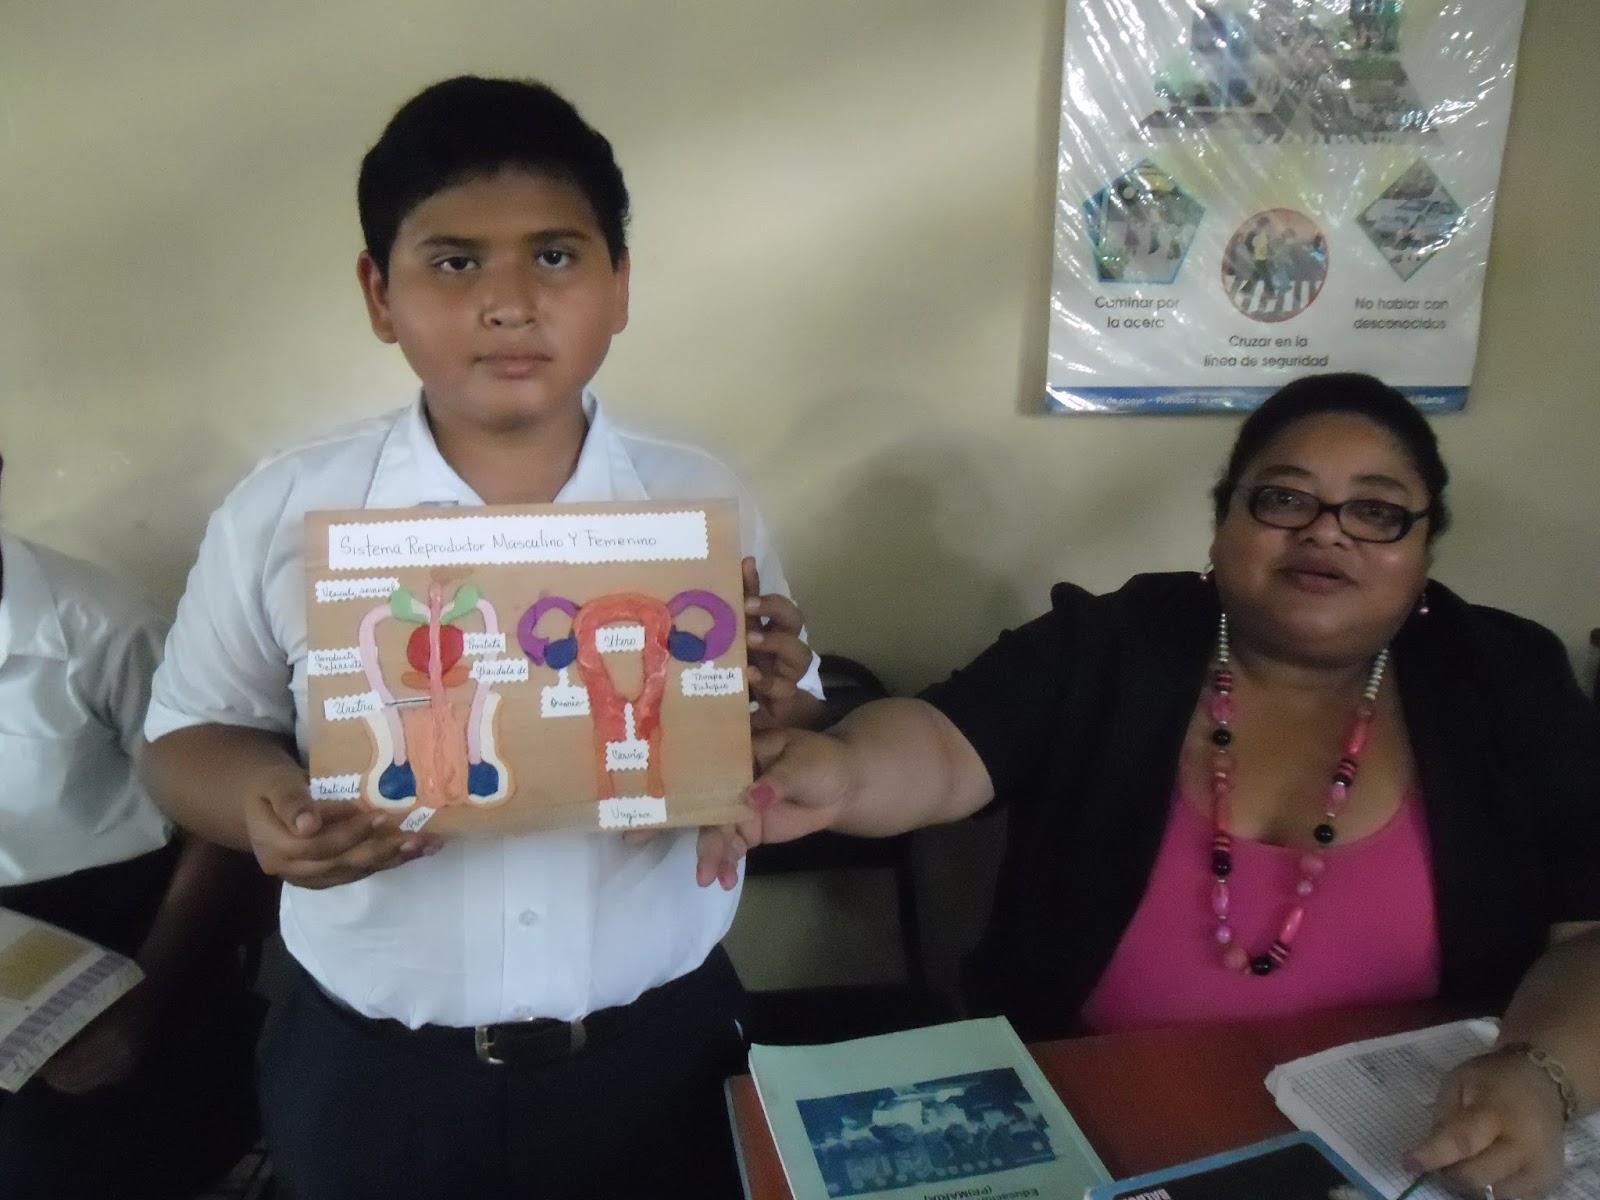 Imagenes Sobre Aparato Reproductor Femenino Y Masculino | Video di